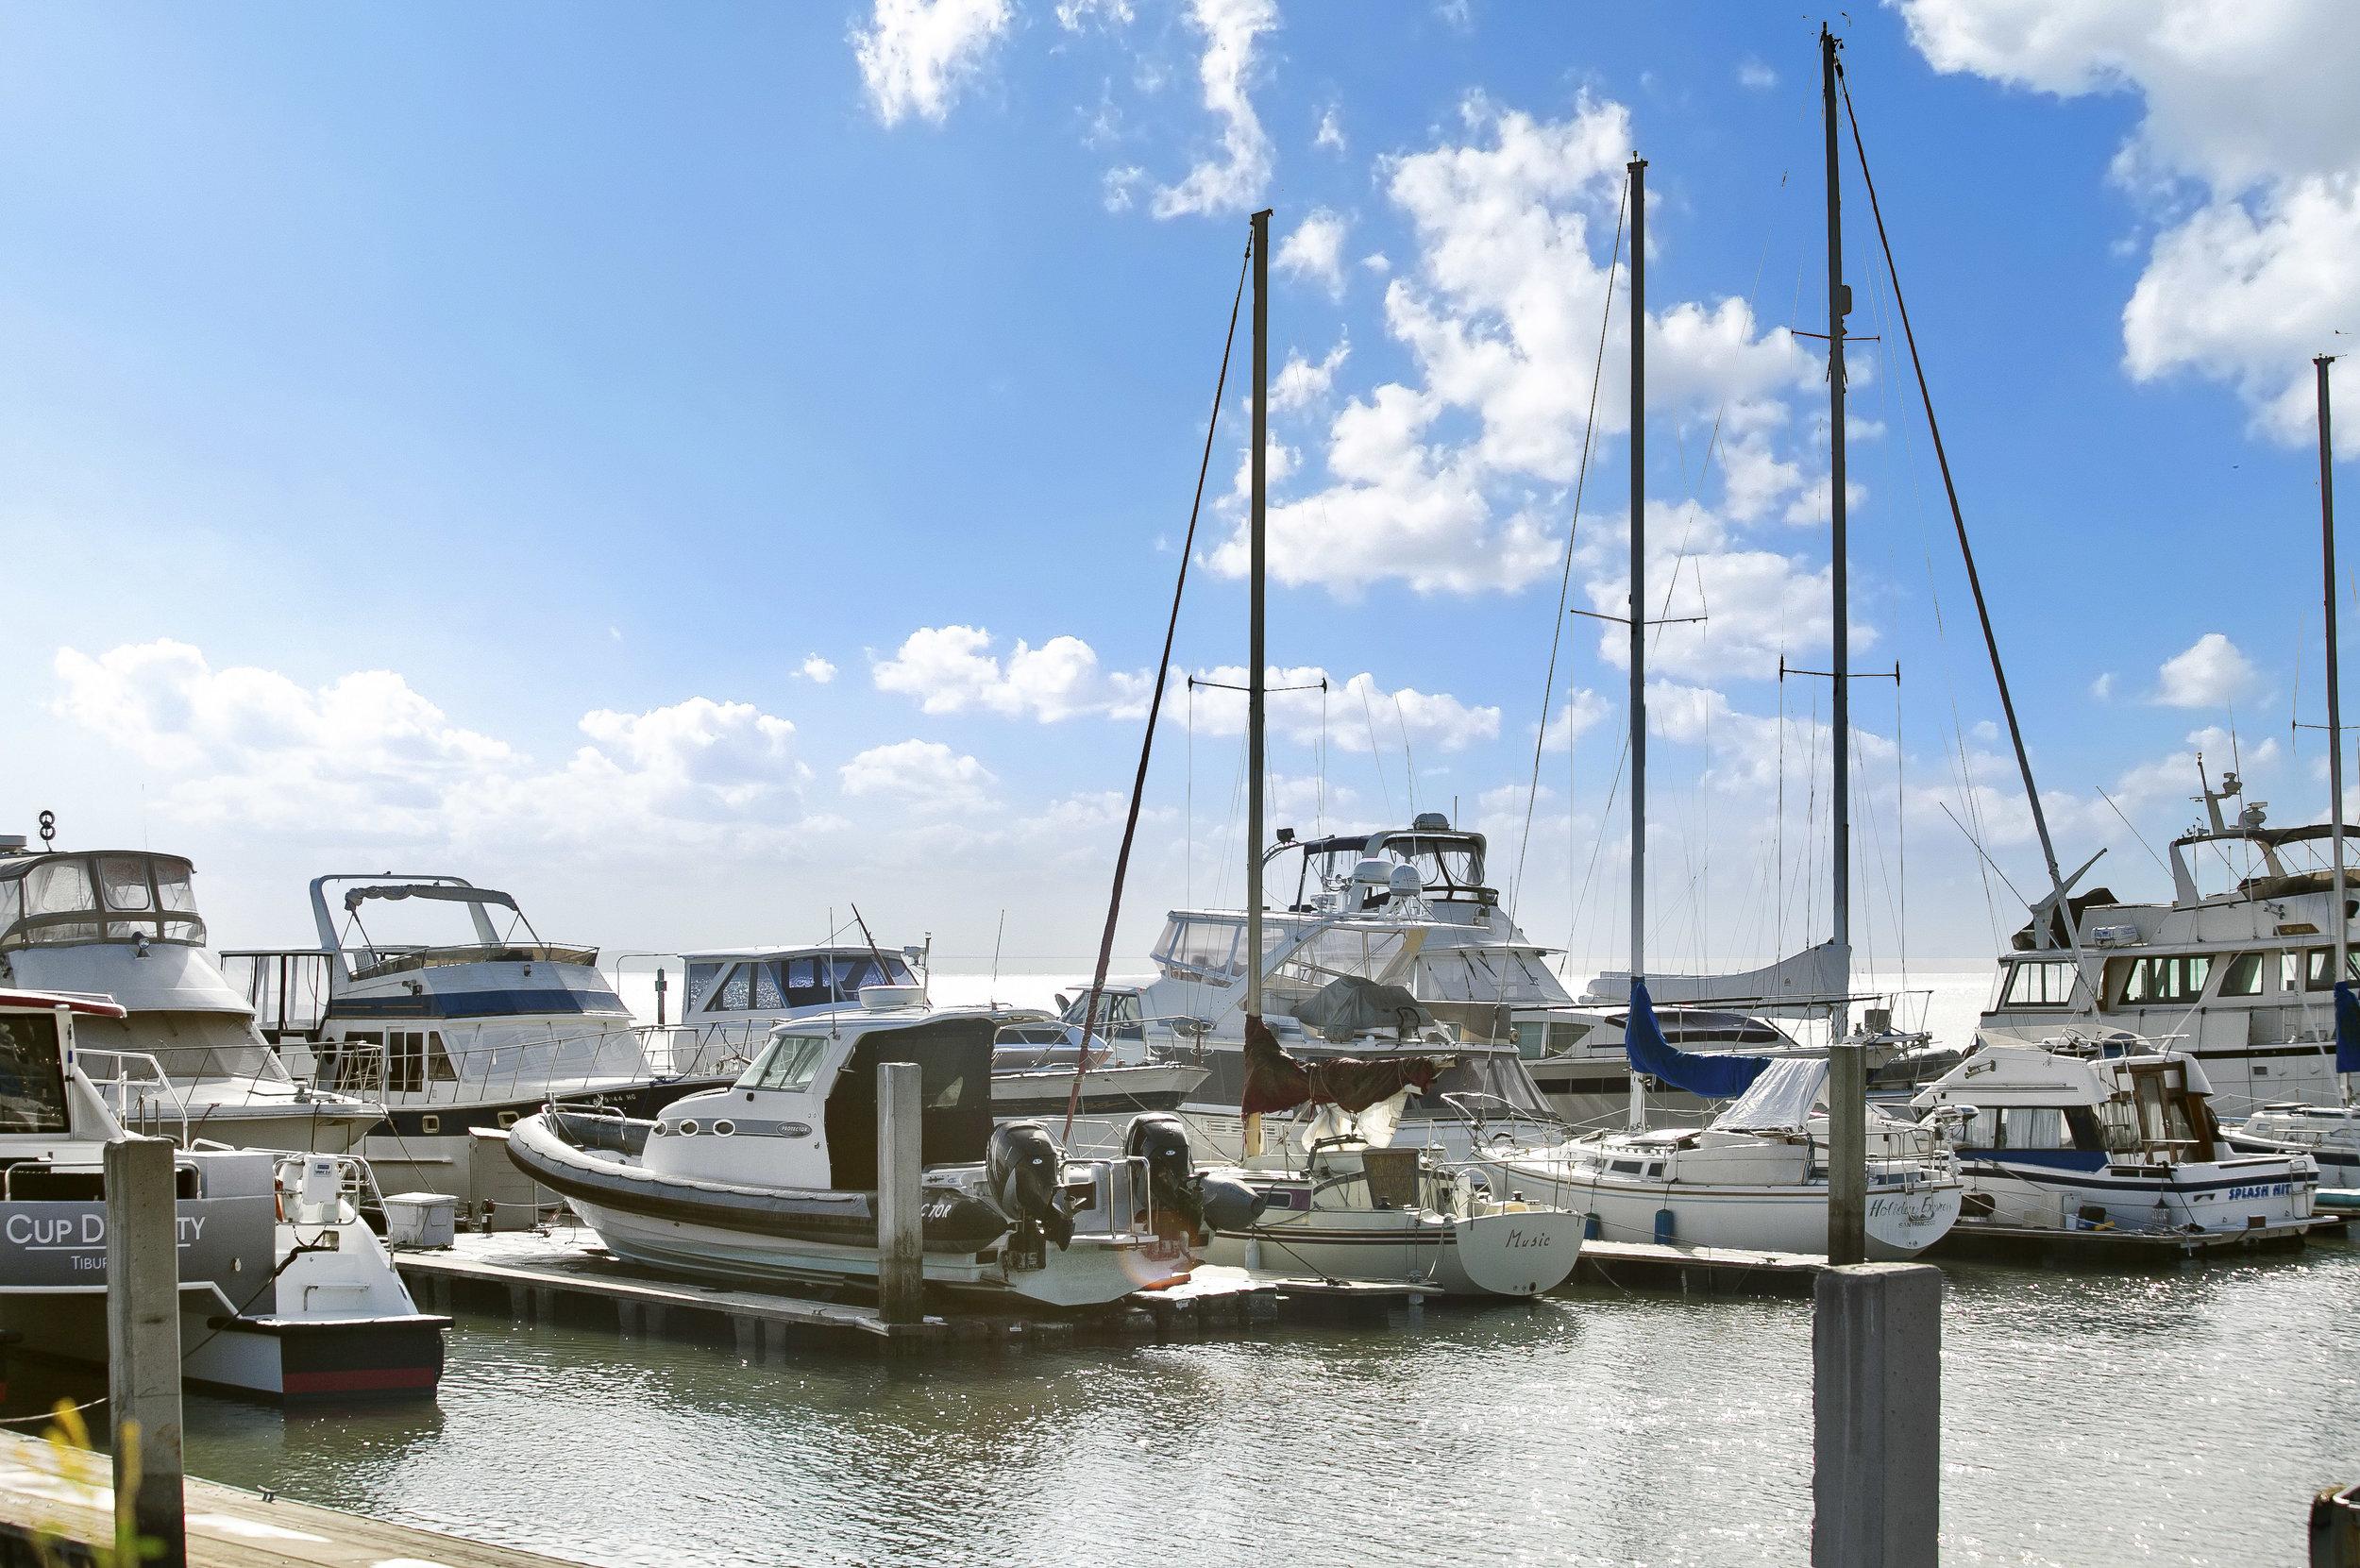 Paradis-Cay-Yacht-Harbor (1 of 10).jpg